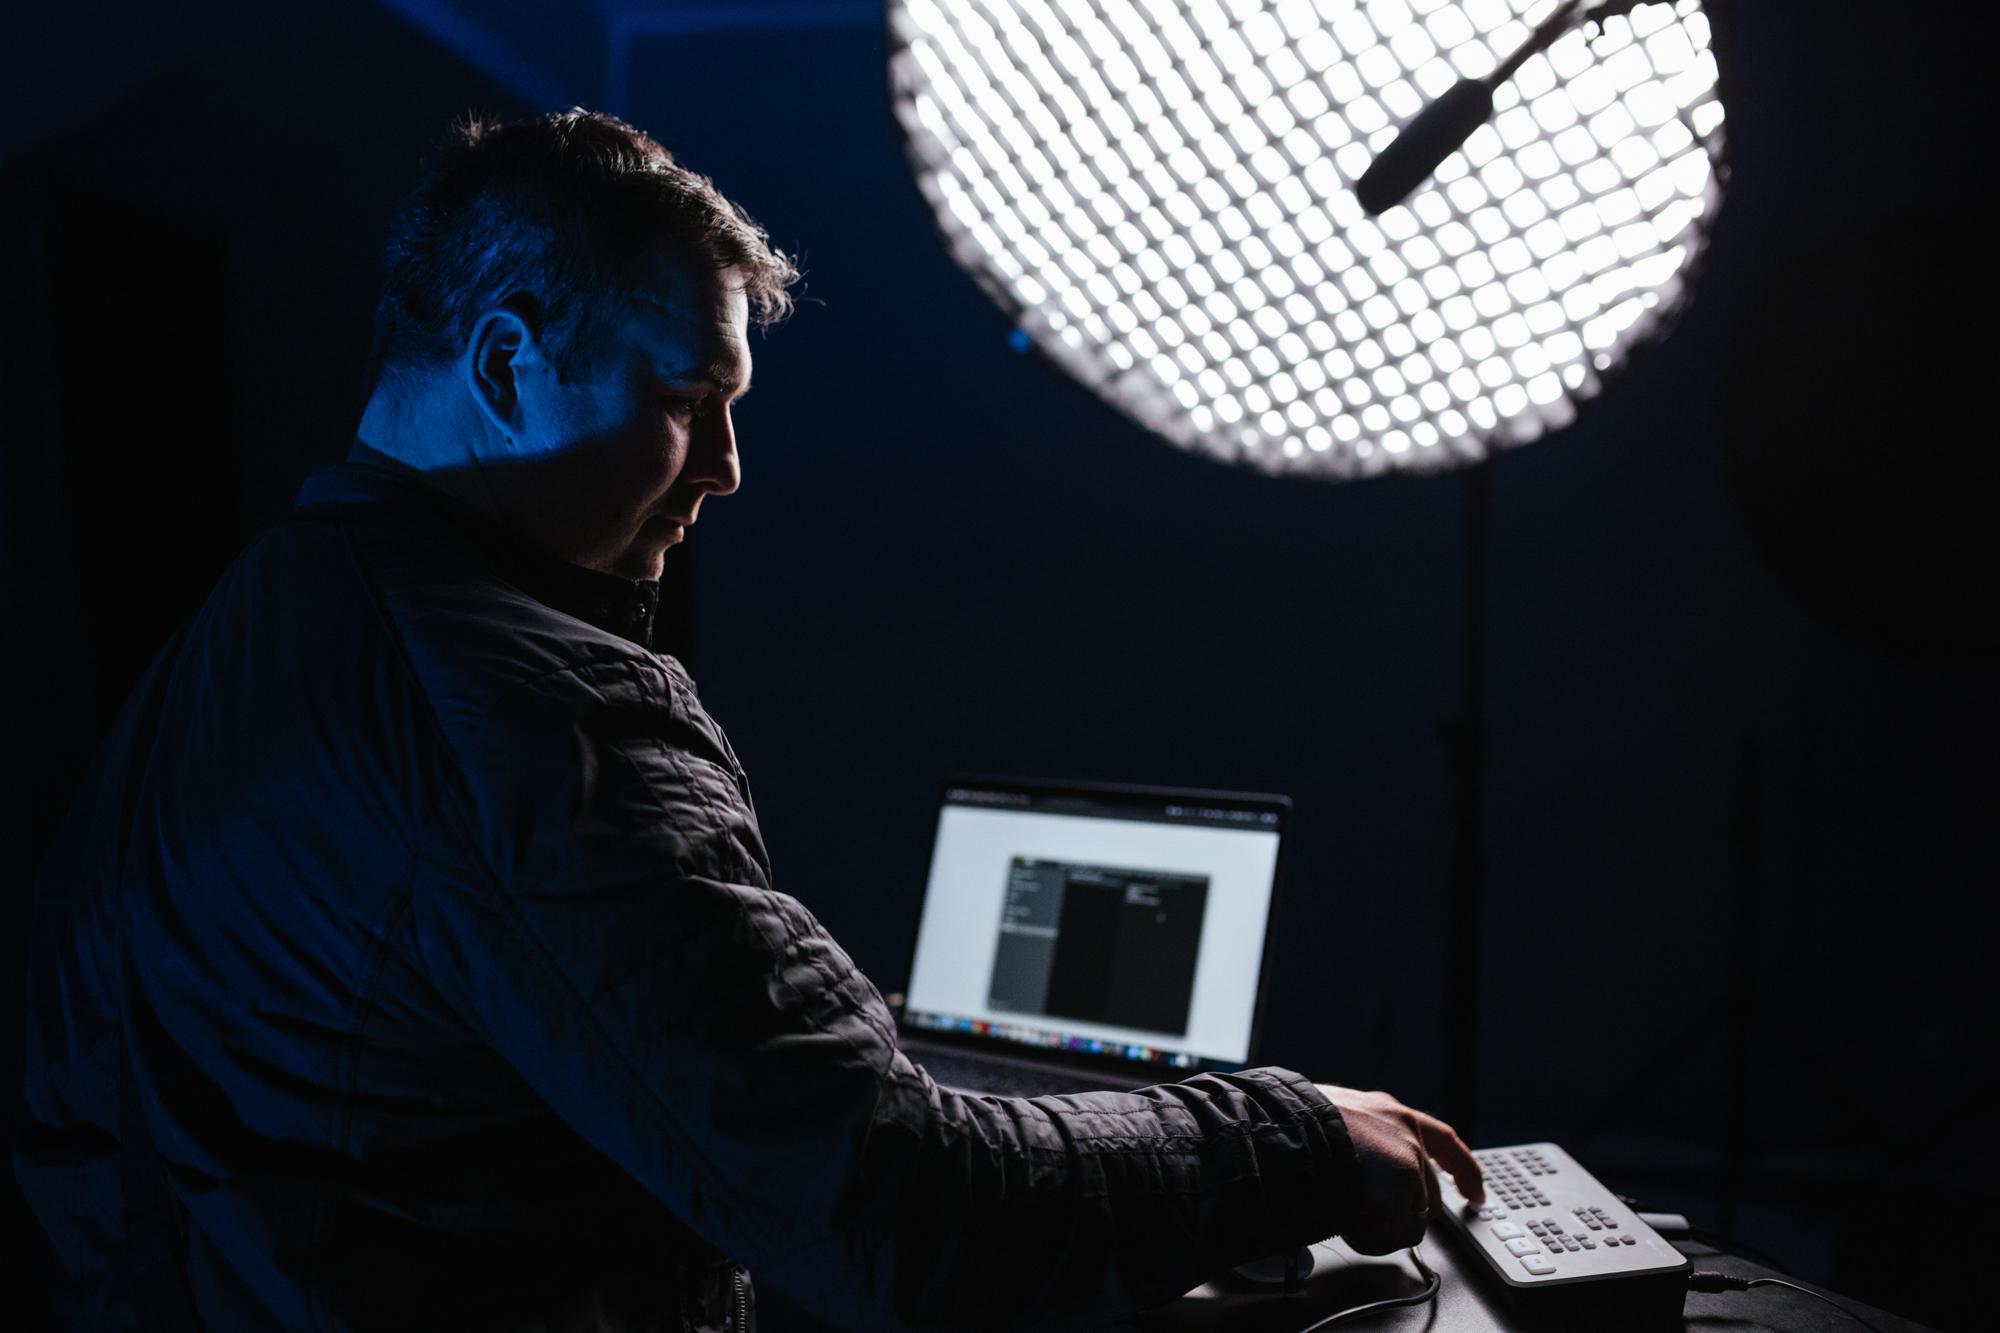 szkolenie on-line vlog studio czarna zebra przenies biznes do internetu5